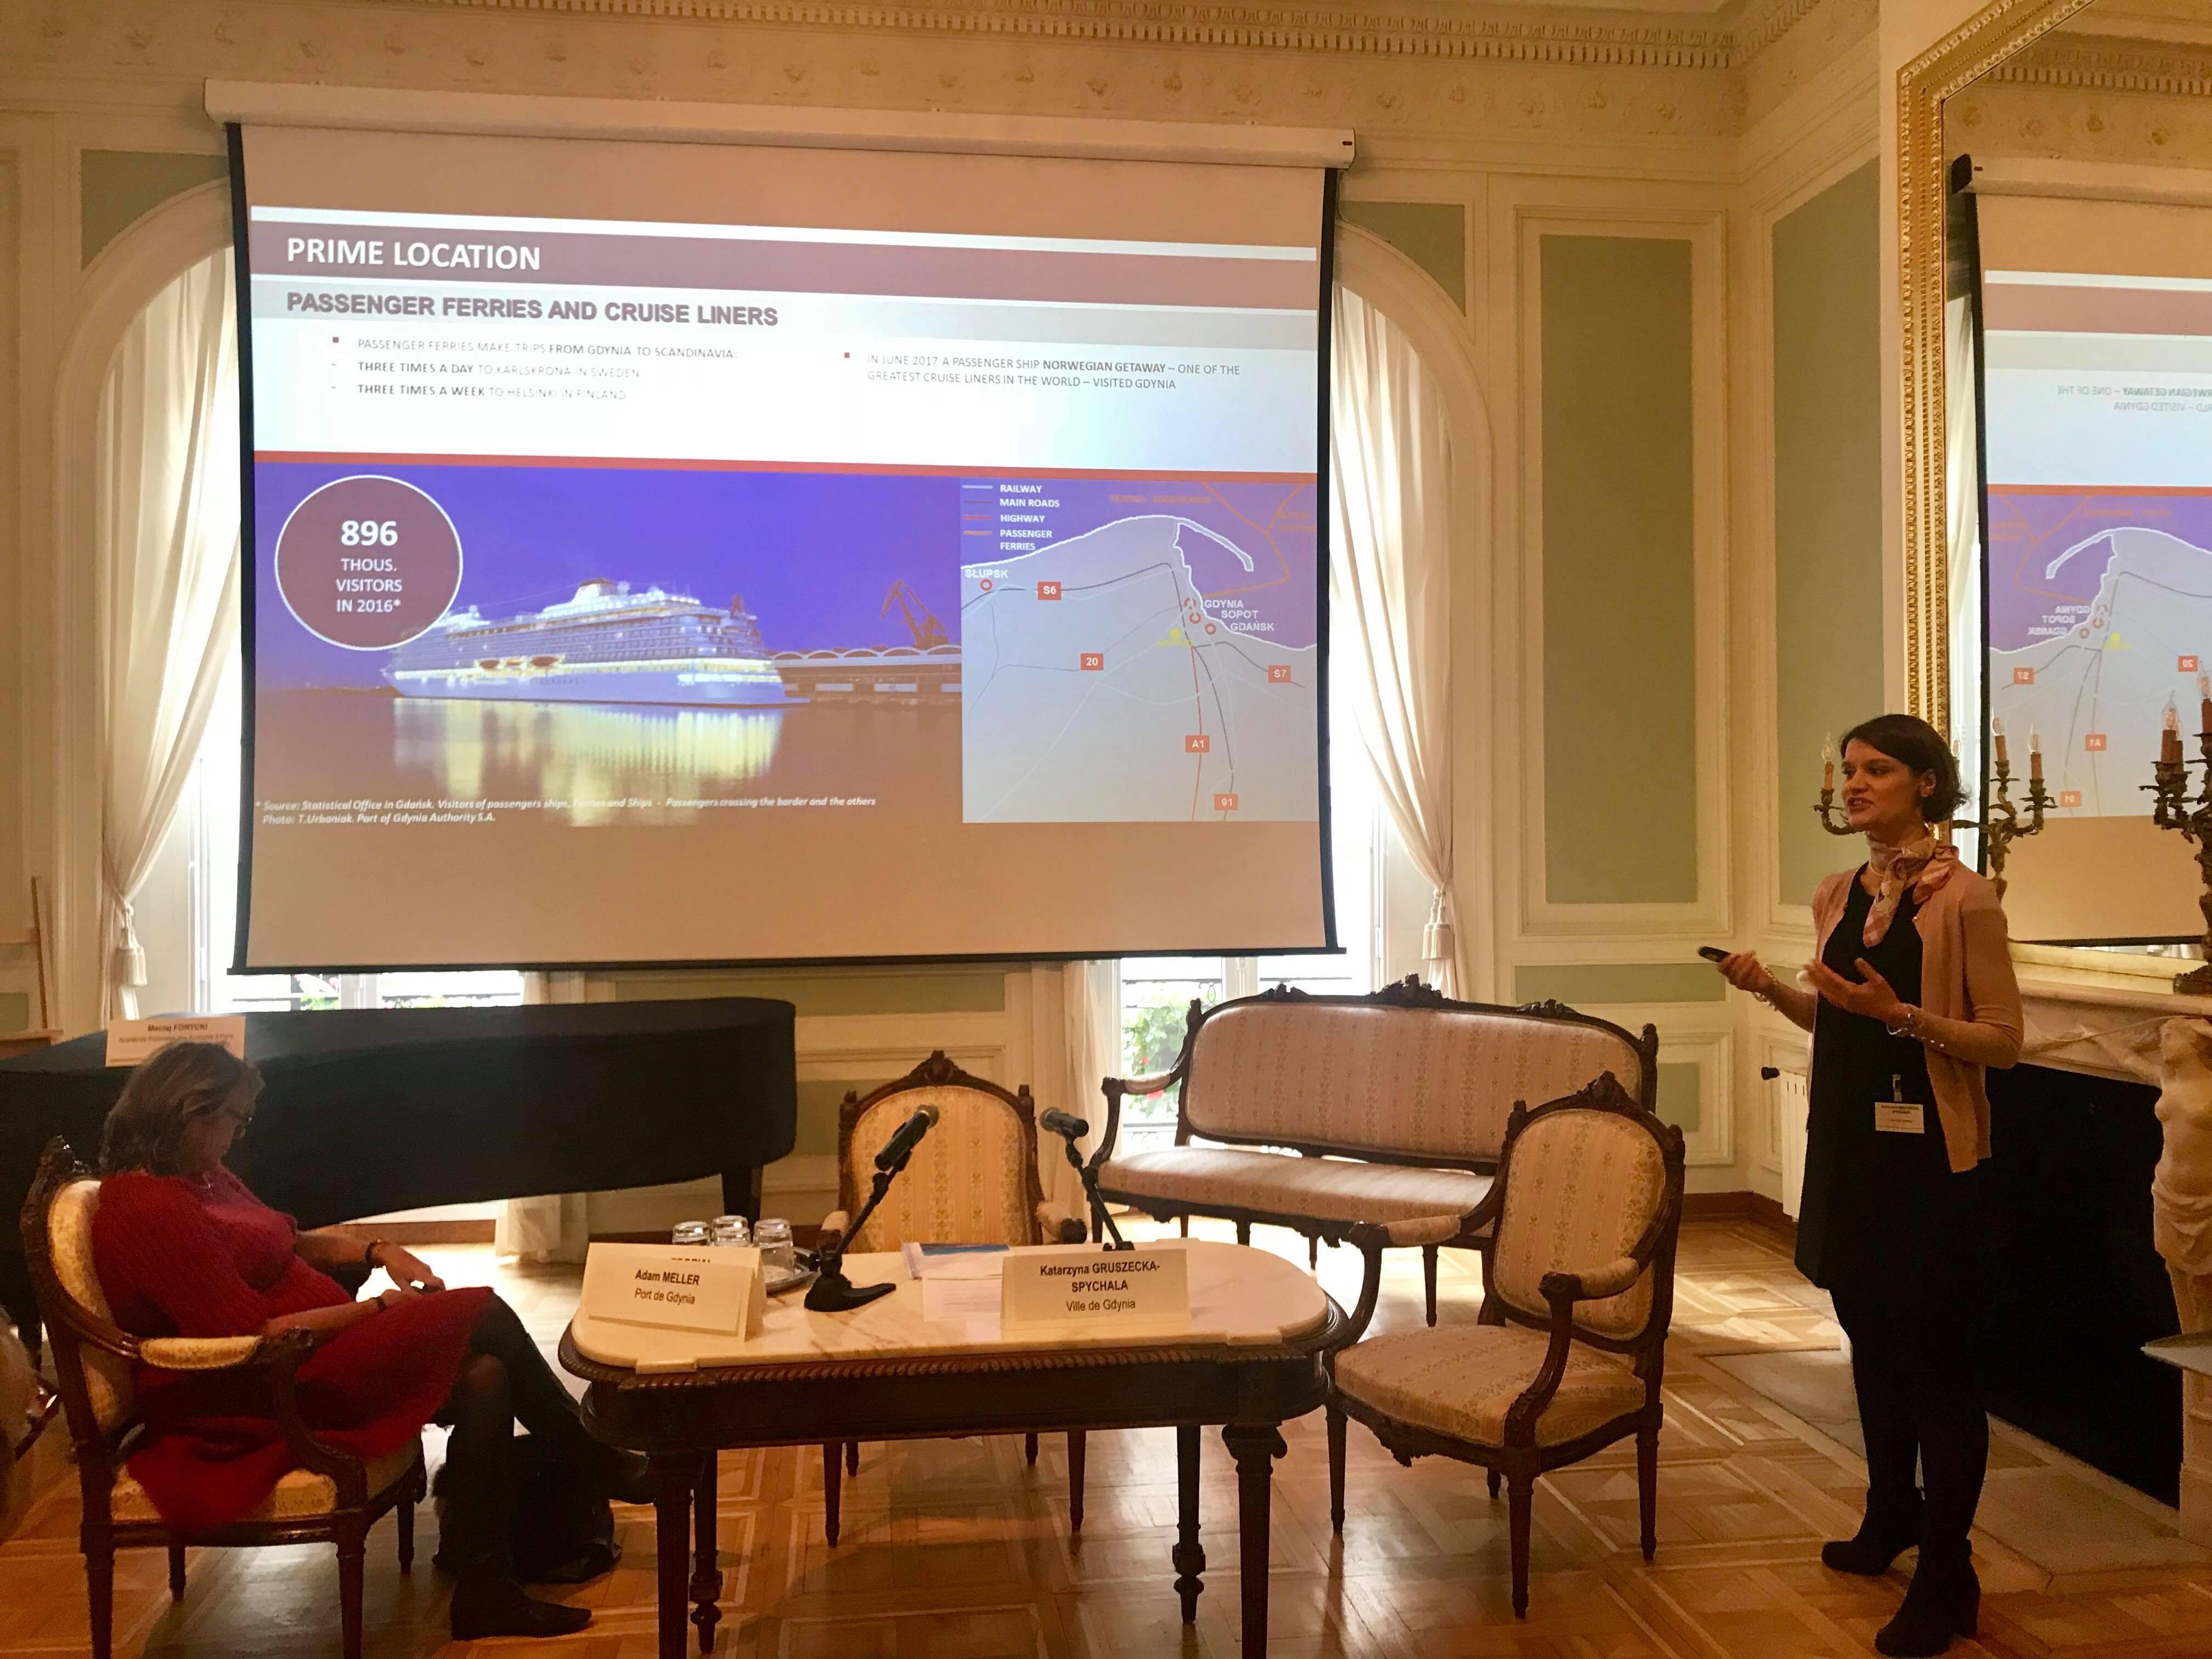 Wiceprezydent Gdyni Katarzyna Gruszecka-Spychała podczas prezentacji podkreślającej walory miasta, fot. Maja Studzińska